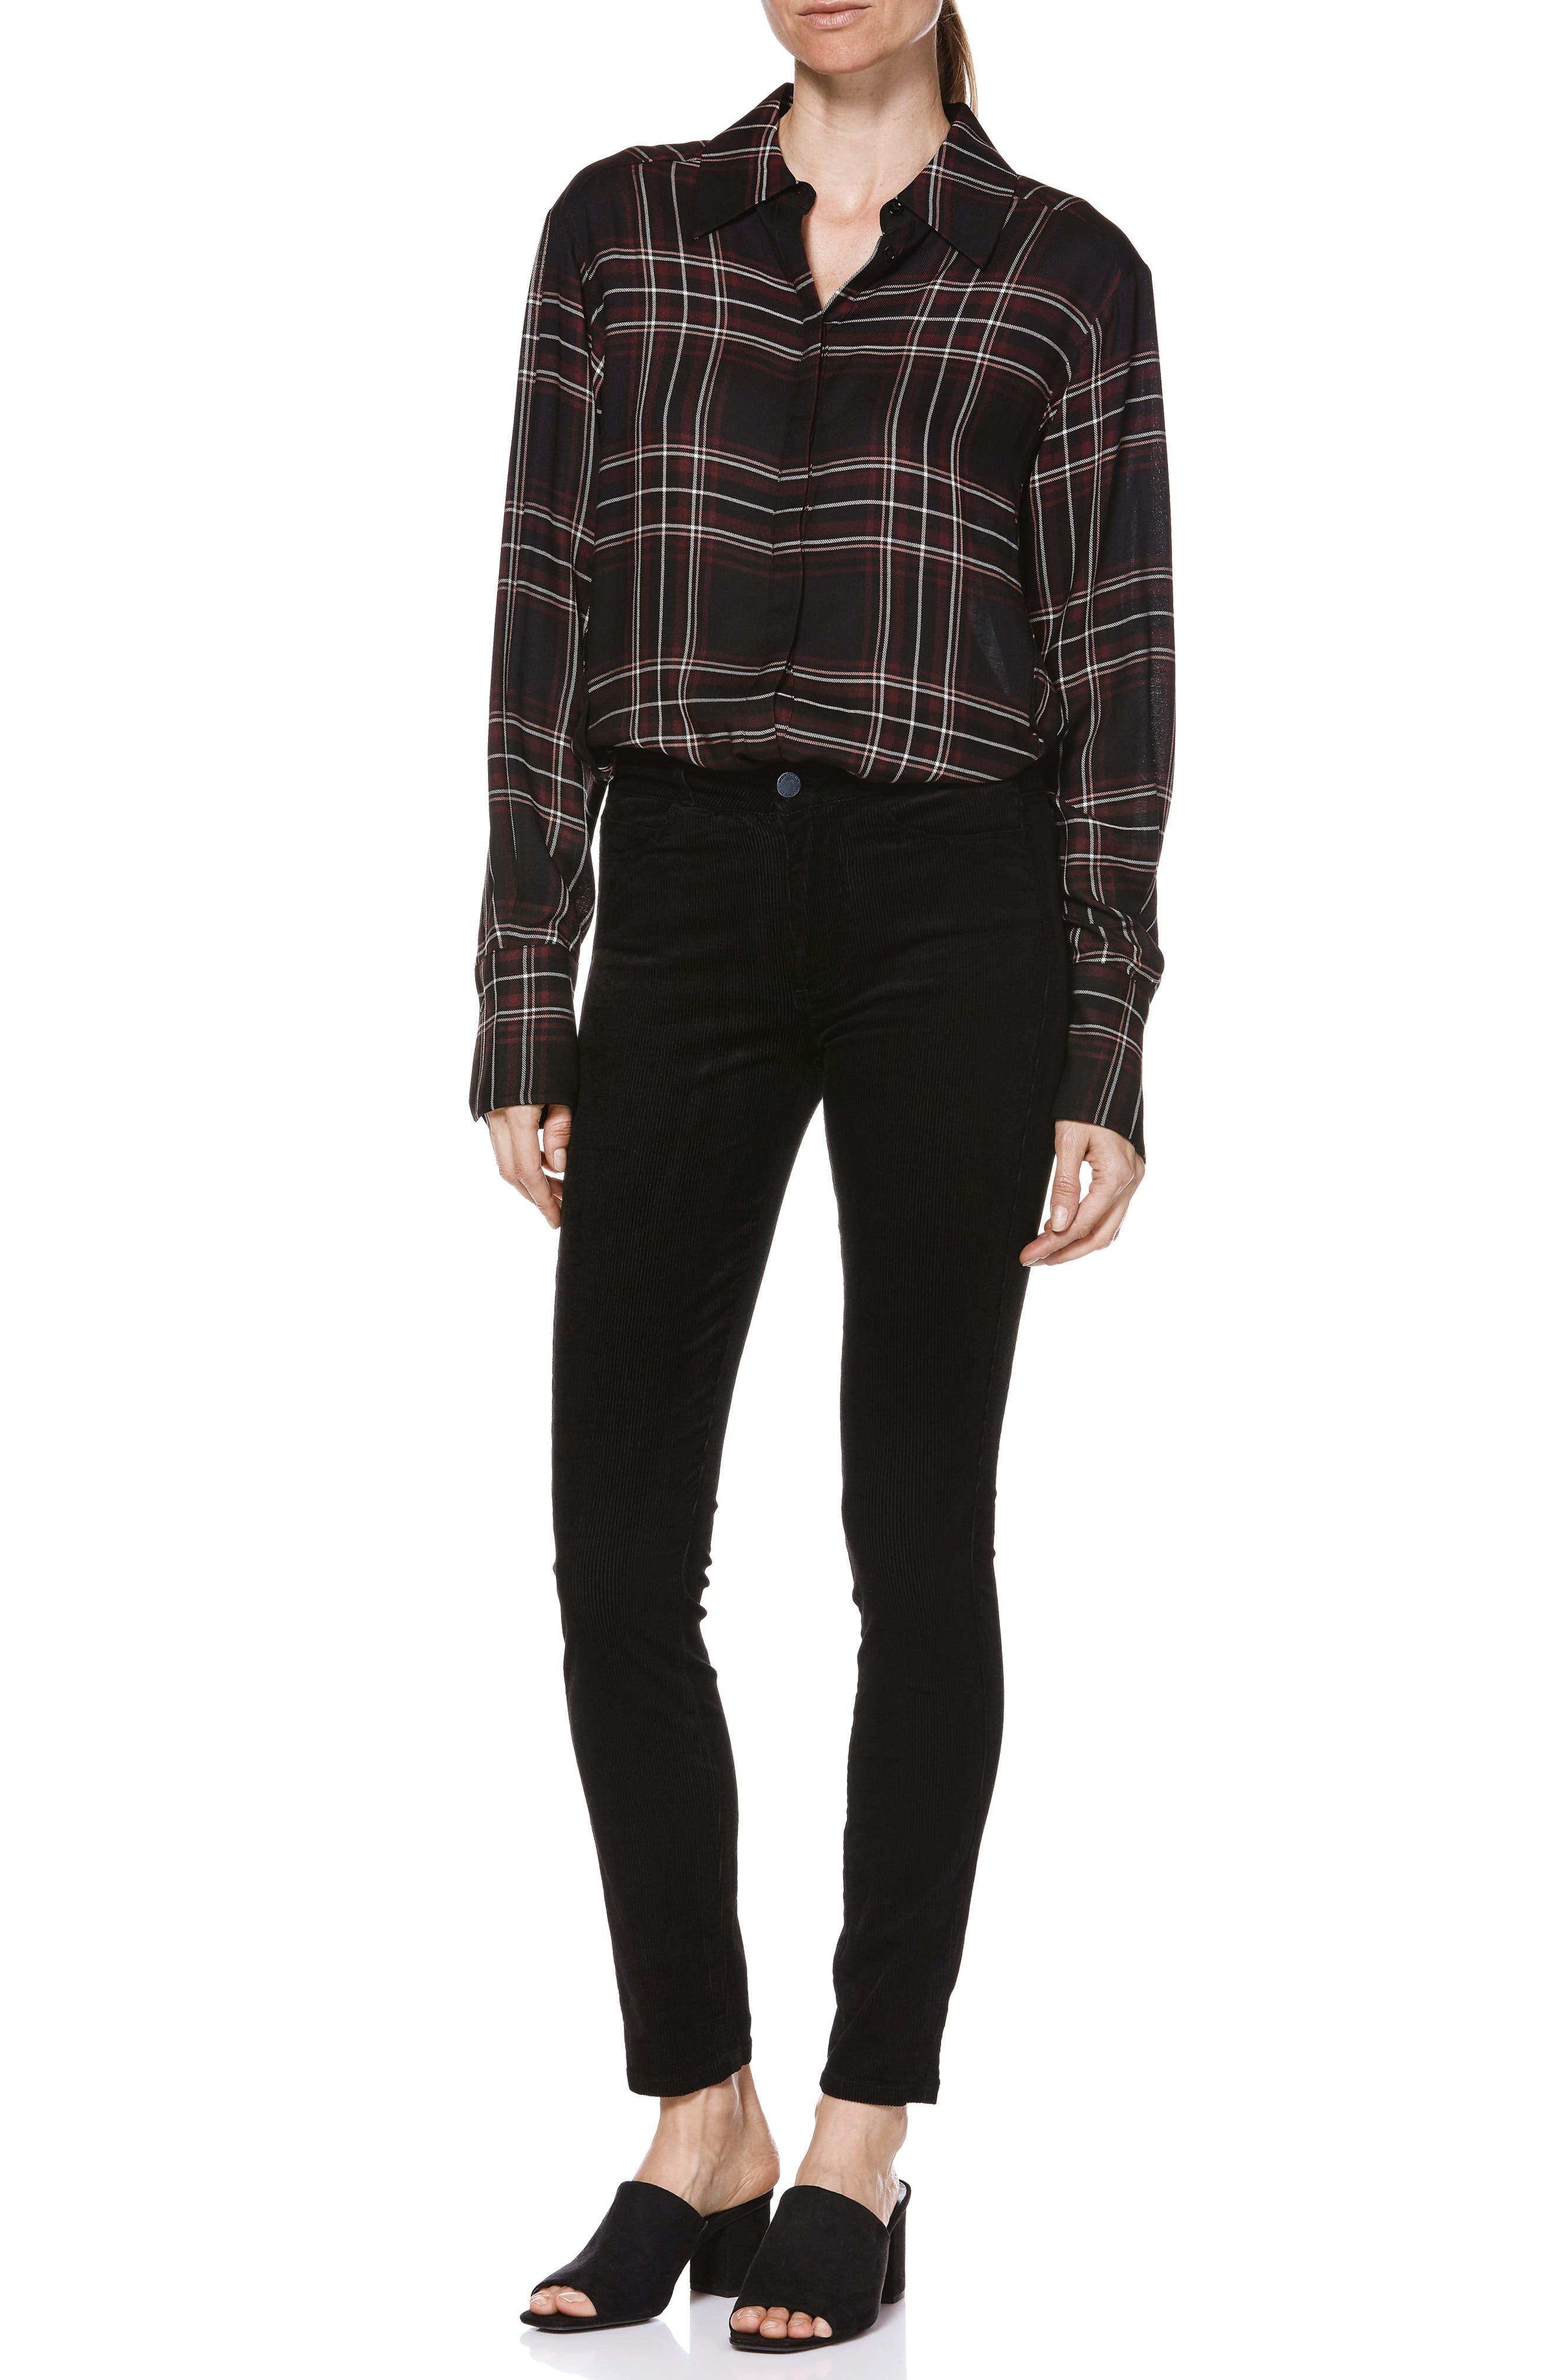 Transcend - Hoxton High Waist Ultra Skinny Jeans,                             Alternate thumbnail 6, color,                             BLACK VELVET CORD